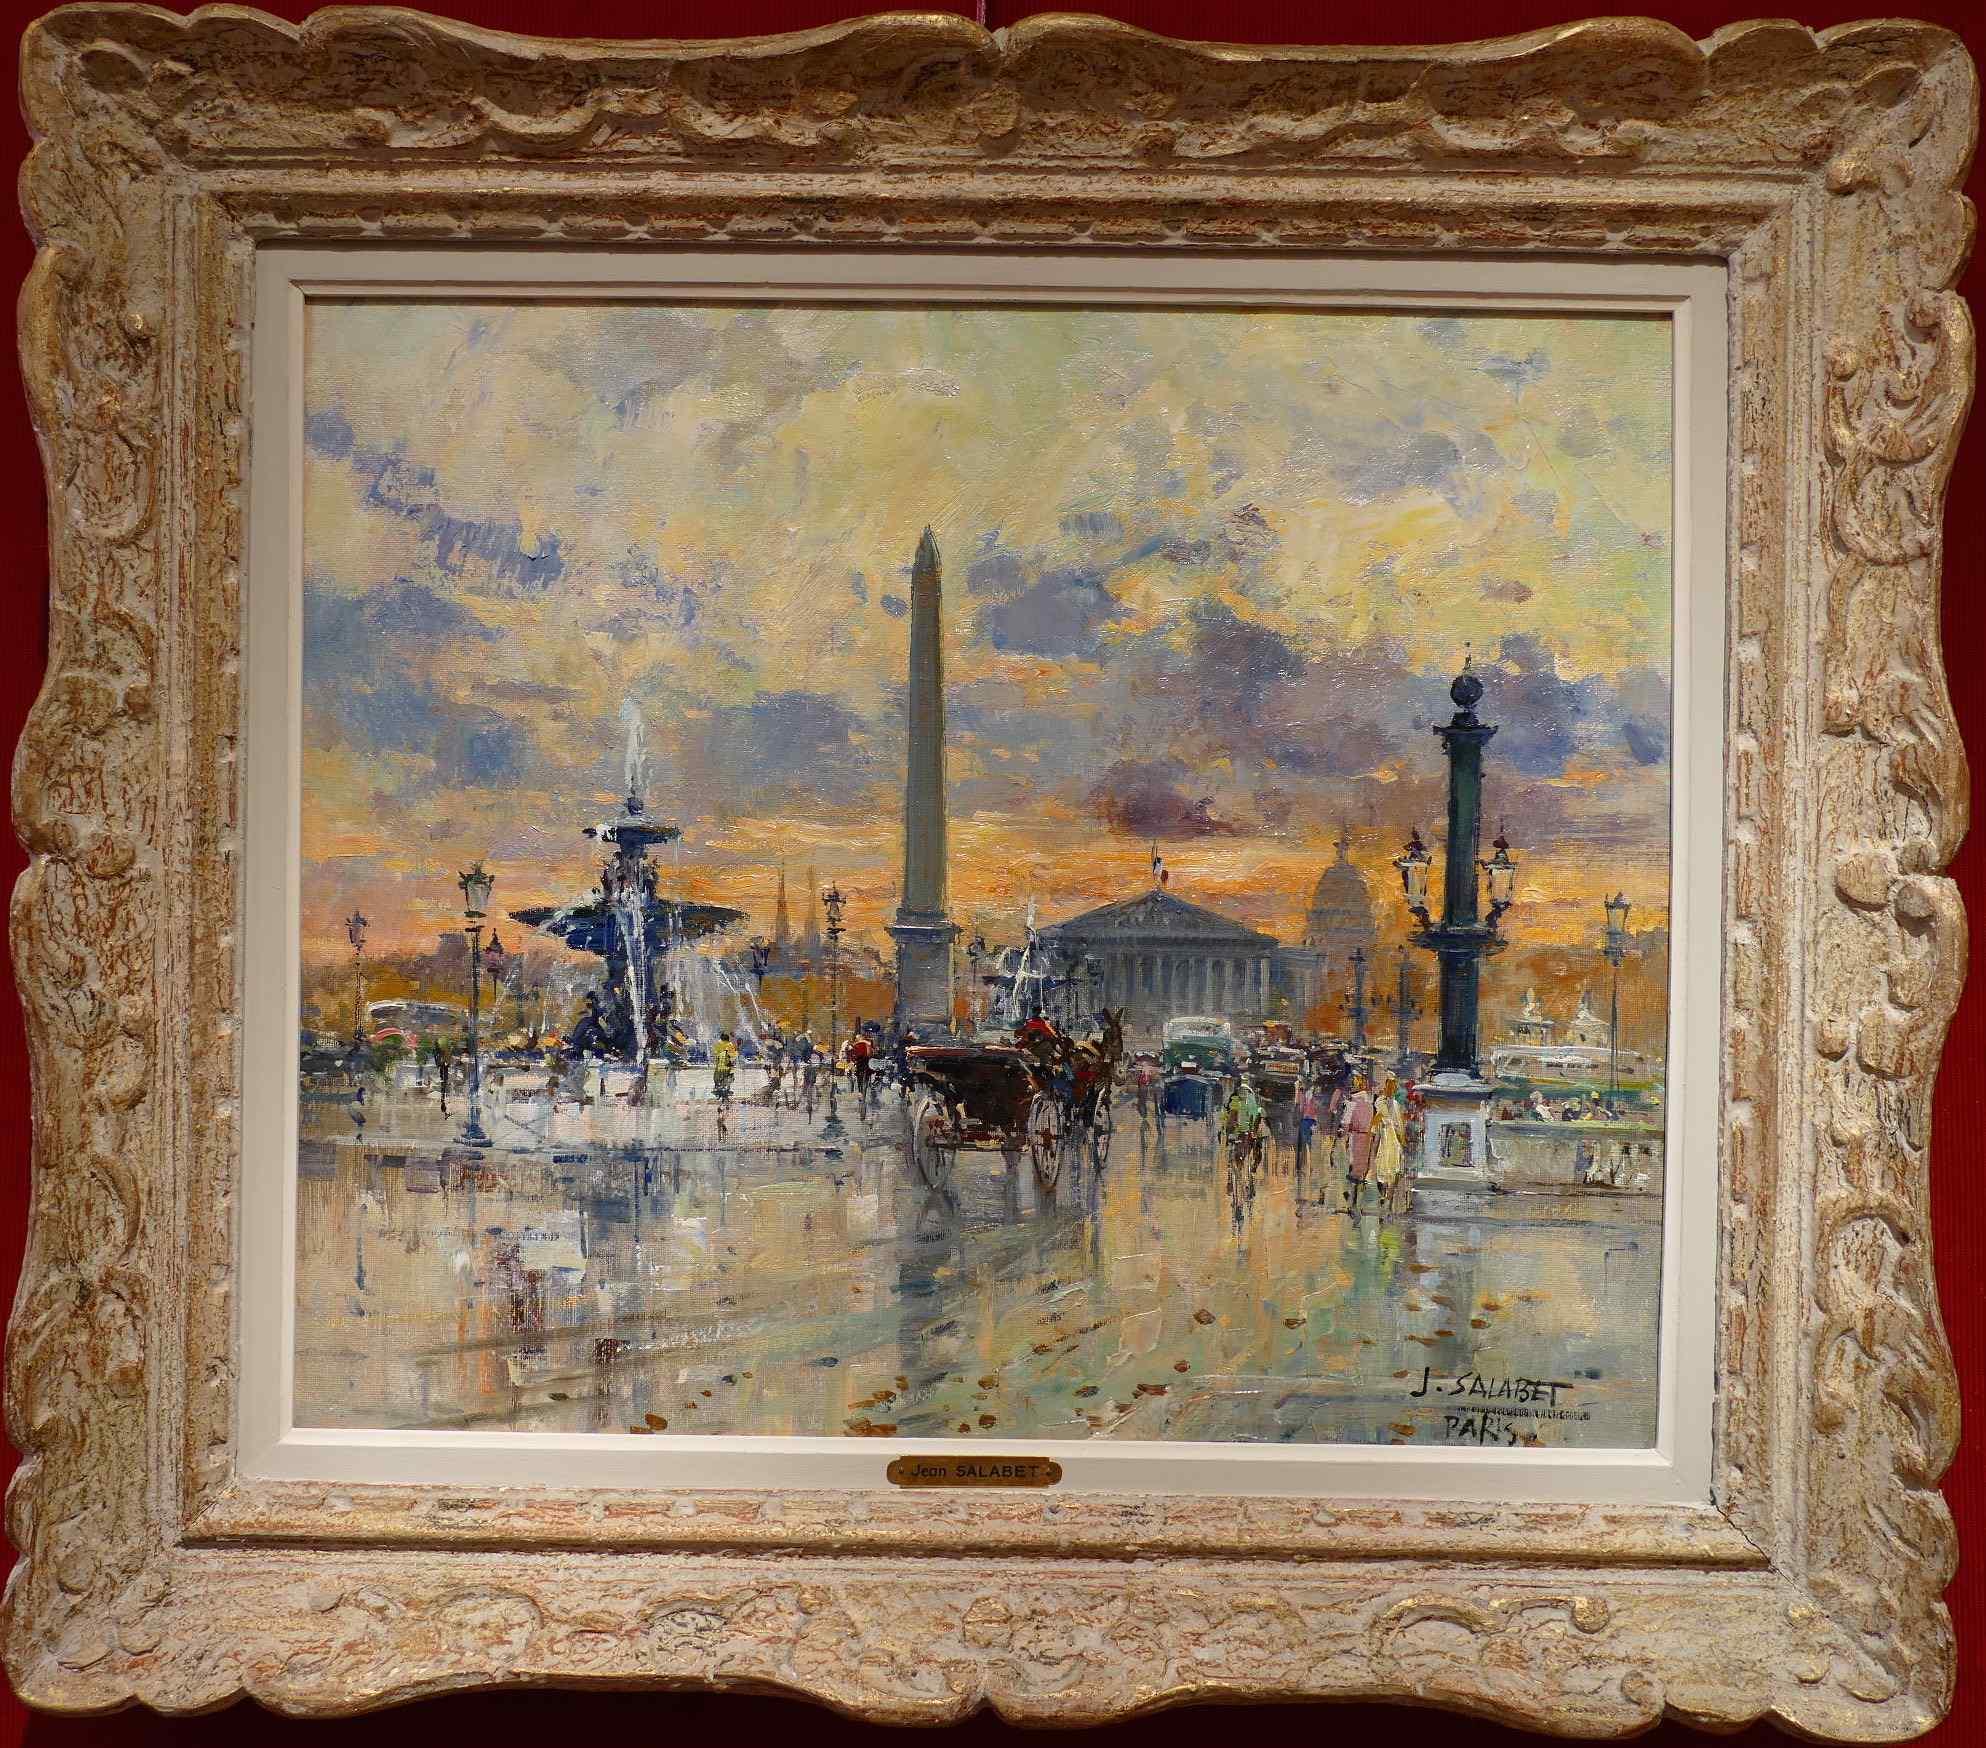 Paris Place De La Concorde Oil Signed by Jean Salabet